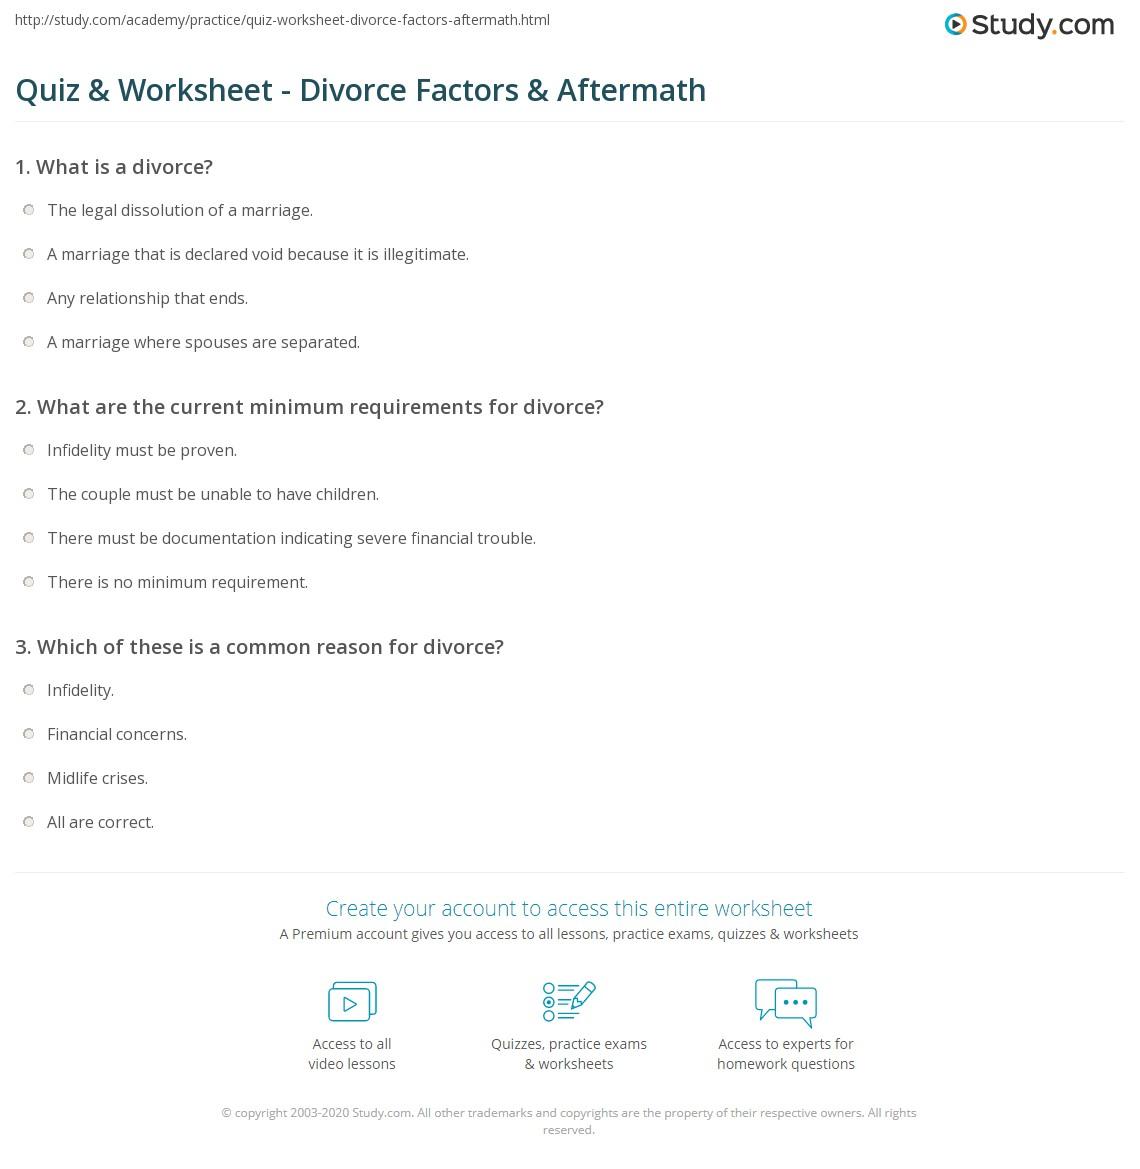 Quiz & Worksheet - Divorce Factors & Aftermath   Study com